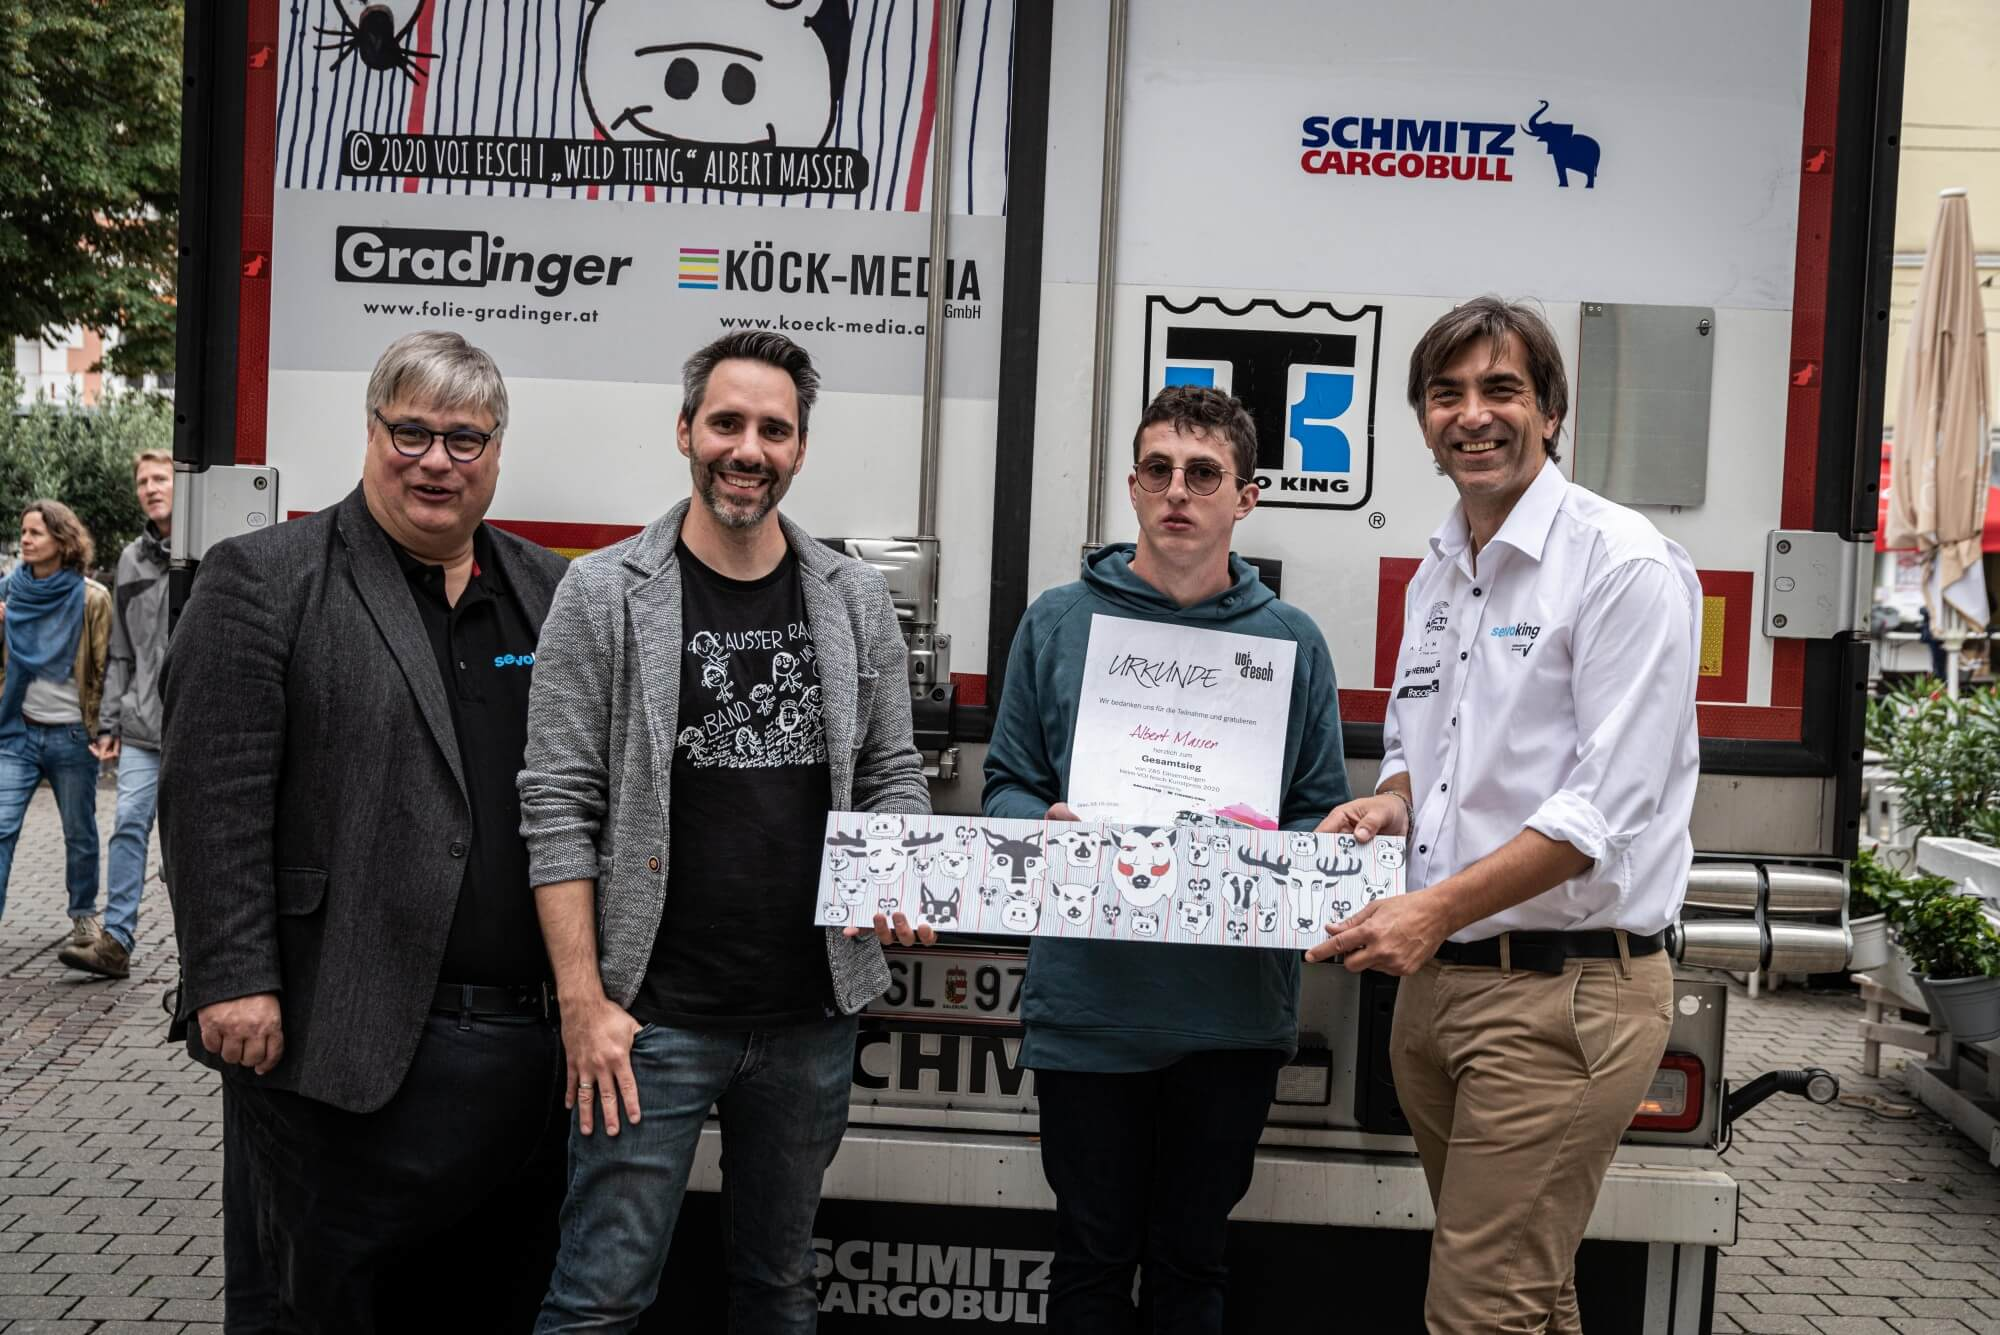 Ein Gruppenfoto vor der Rückseite des bedruckten LKW. Zu sehen sind Christian Mahr von Servoking, Helmuth Stöber von VOI fesch, Künstler Albert Masser und Servoking Geschäftsführer Gerald Bucher.